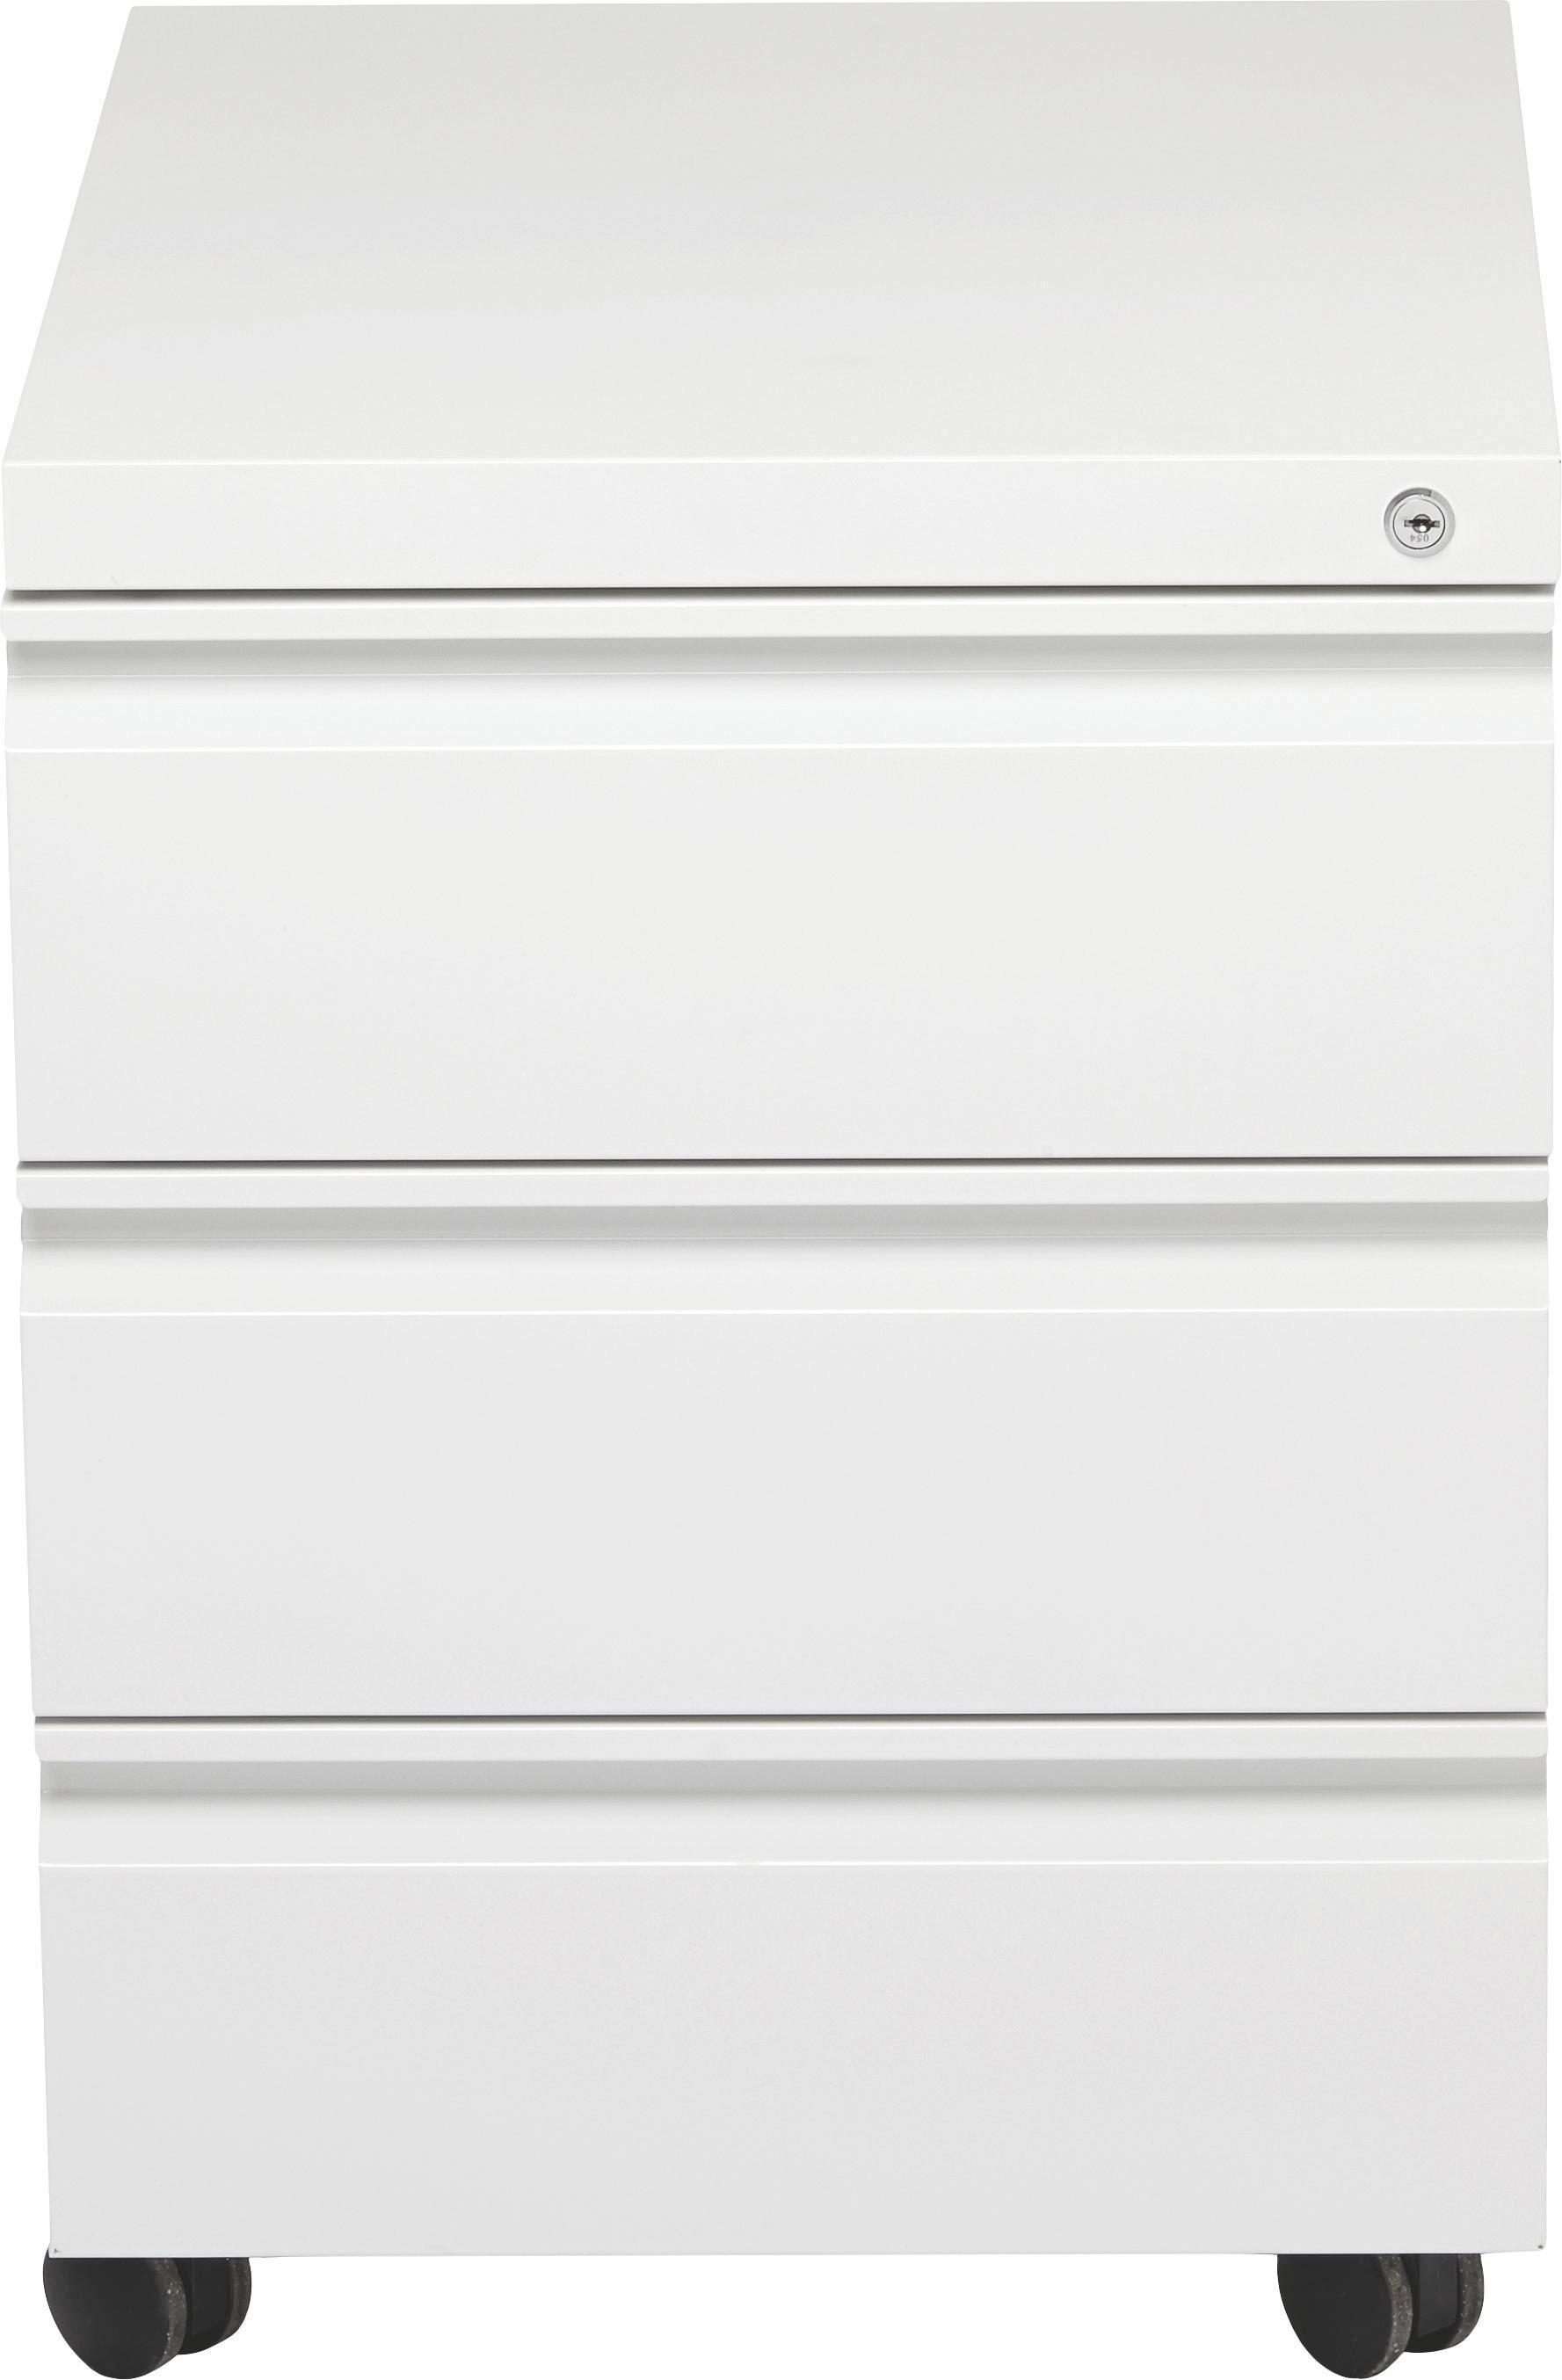 Rollcontainer in Weiß - Weiß, Kunststoff/Metall (41/57/50,3cm) - MÖMAX modern living